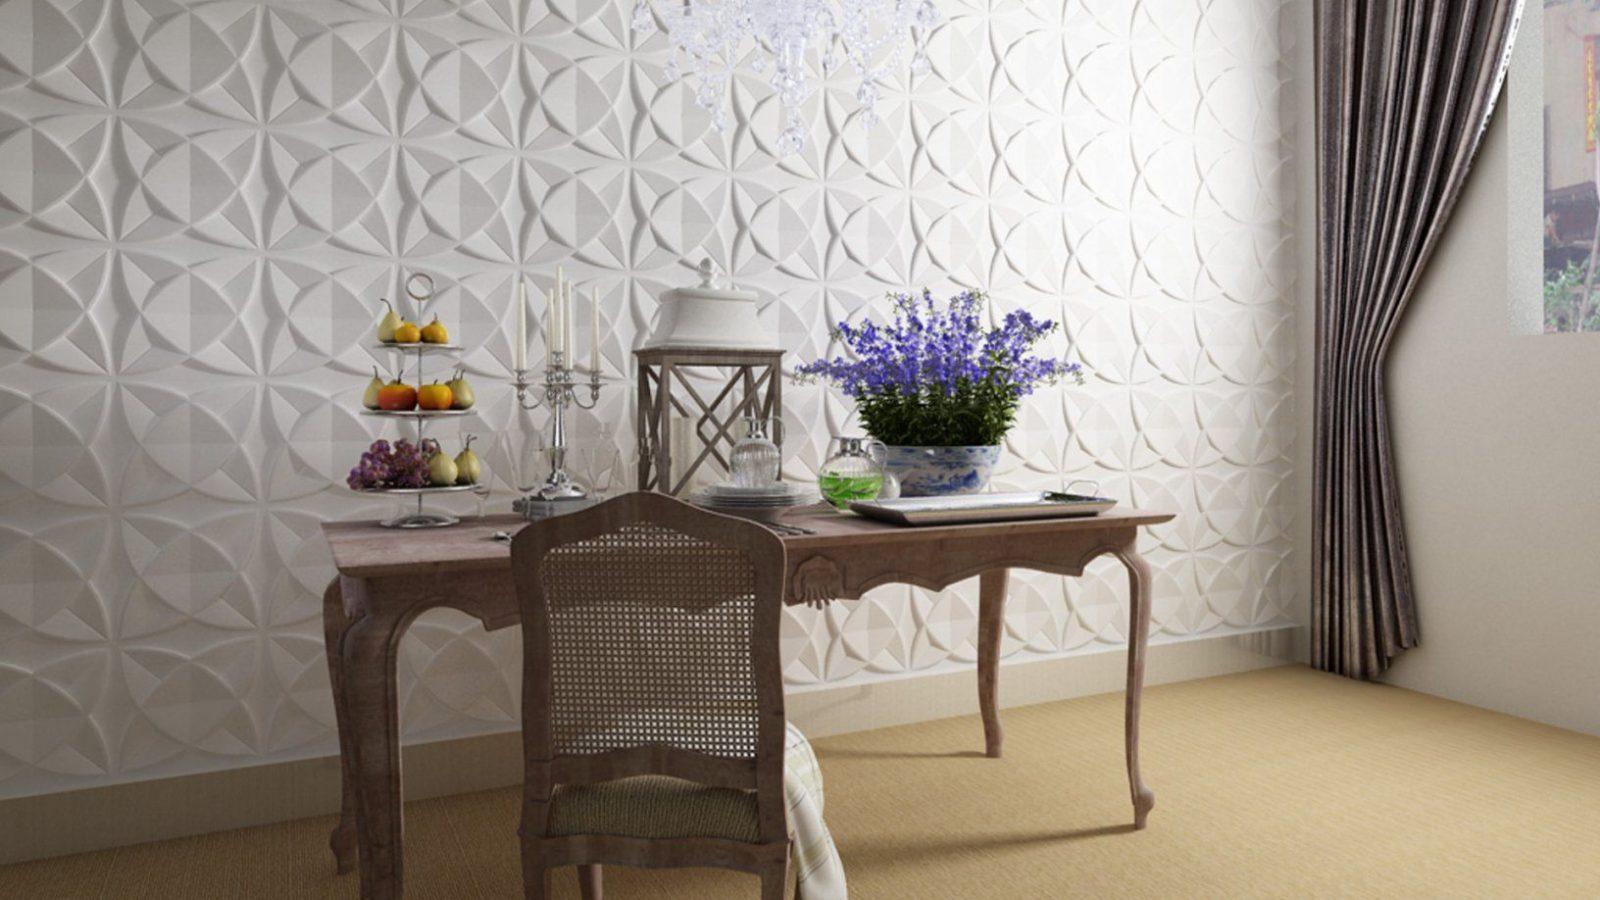 Außergewöhnliche Ideen Tapeten Für Esszimmer Und Küche  Alle Tapeten von Tapeten Für Küche Und Esszimmer Bild